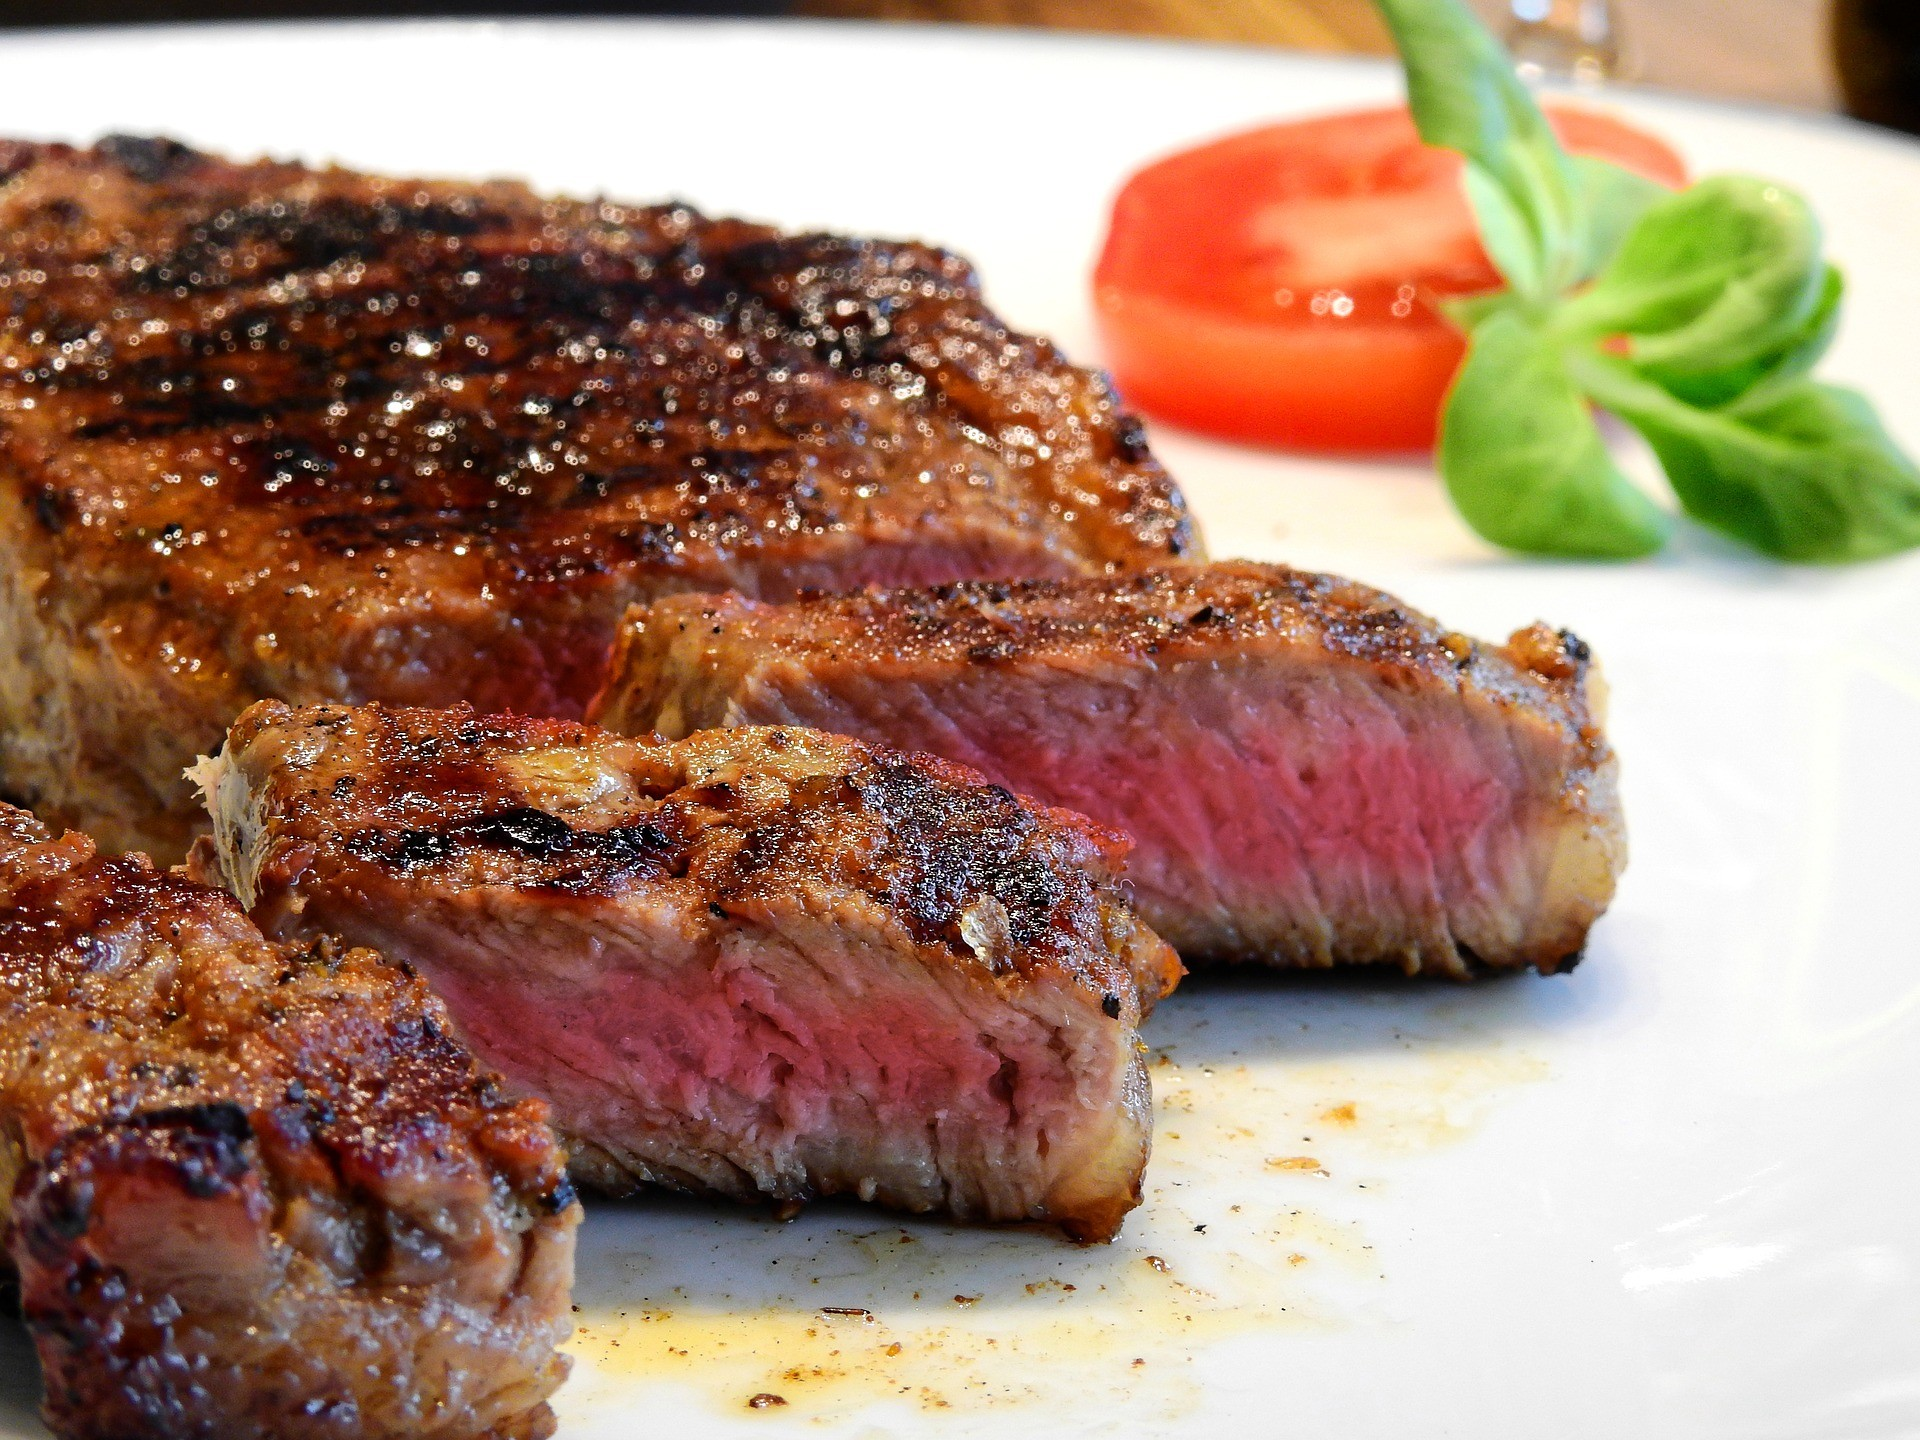 Идеальный стейк для настоящего мужчины: готовим по всем правилам